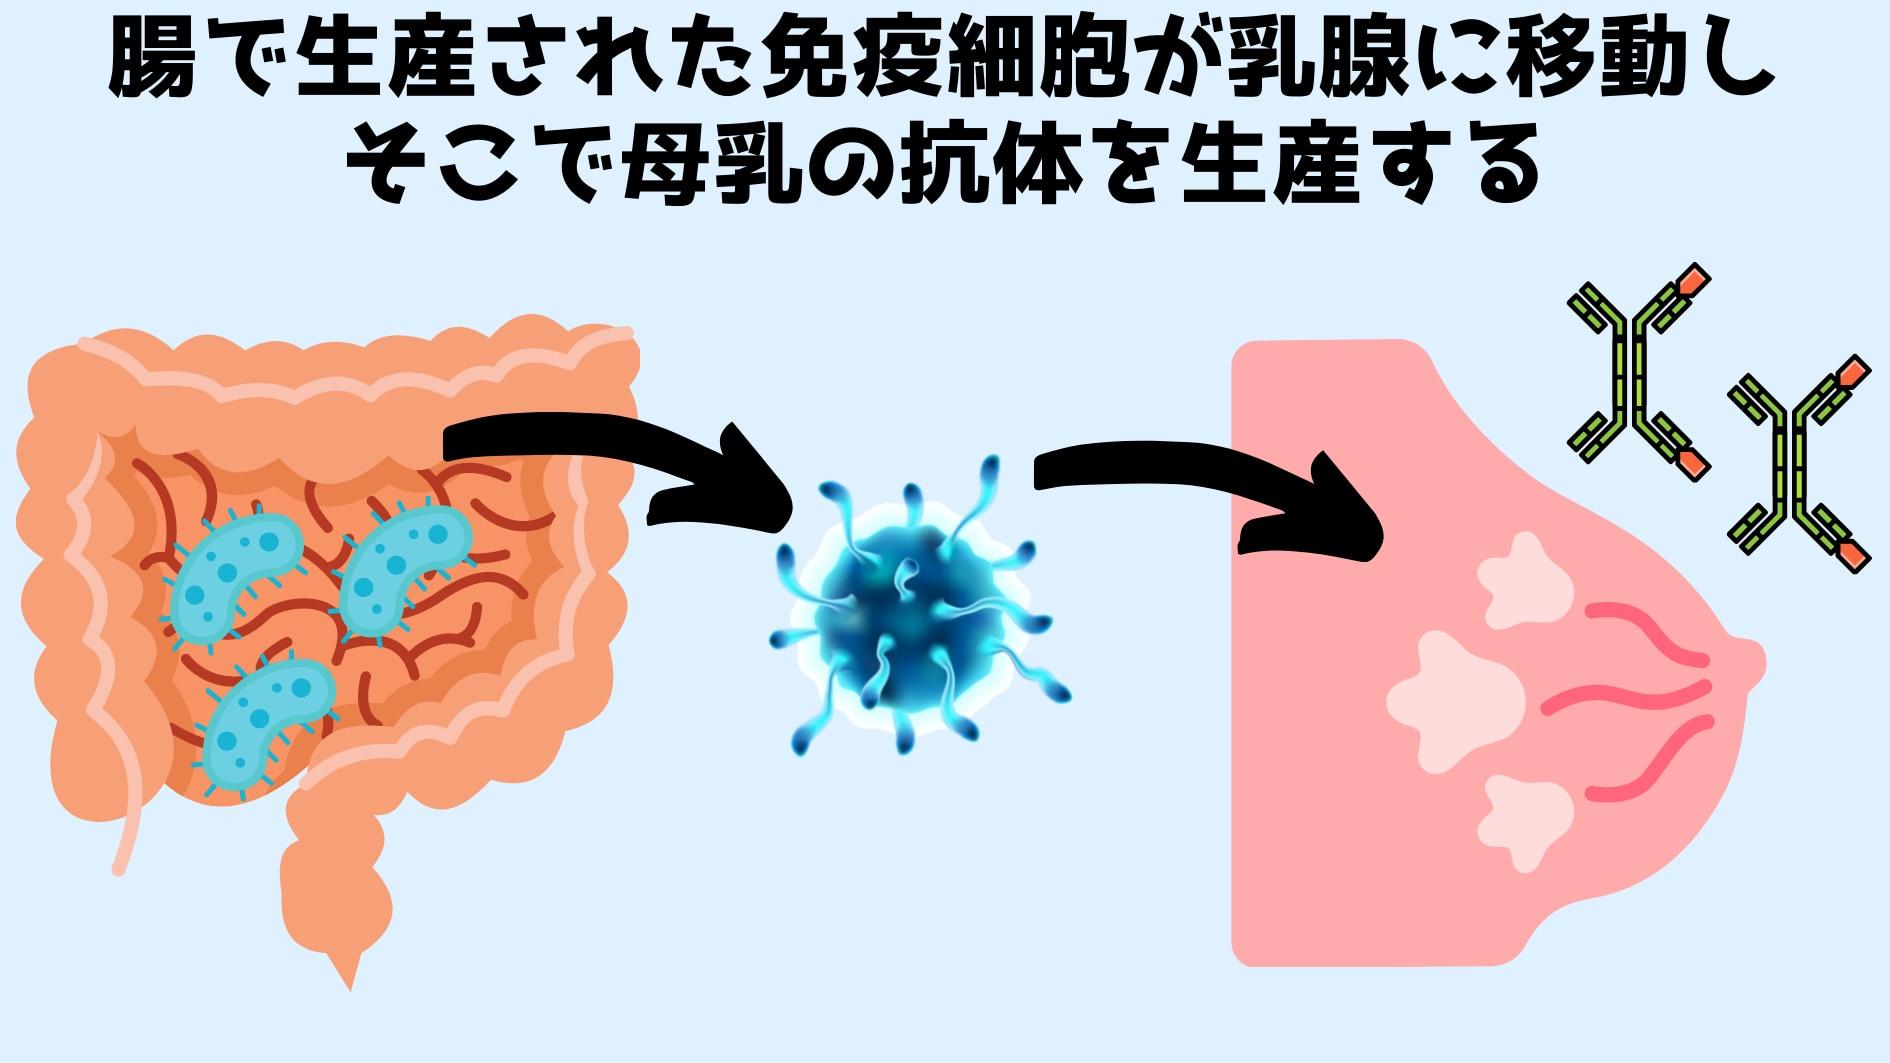 腸で生産された免疫細胞が乳腺に移動して「母乳中の抗体」を作っていると判明!